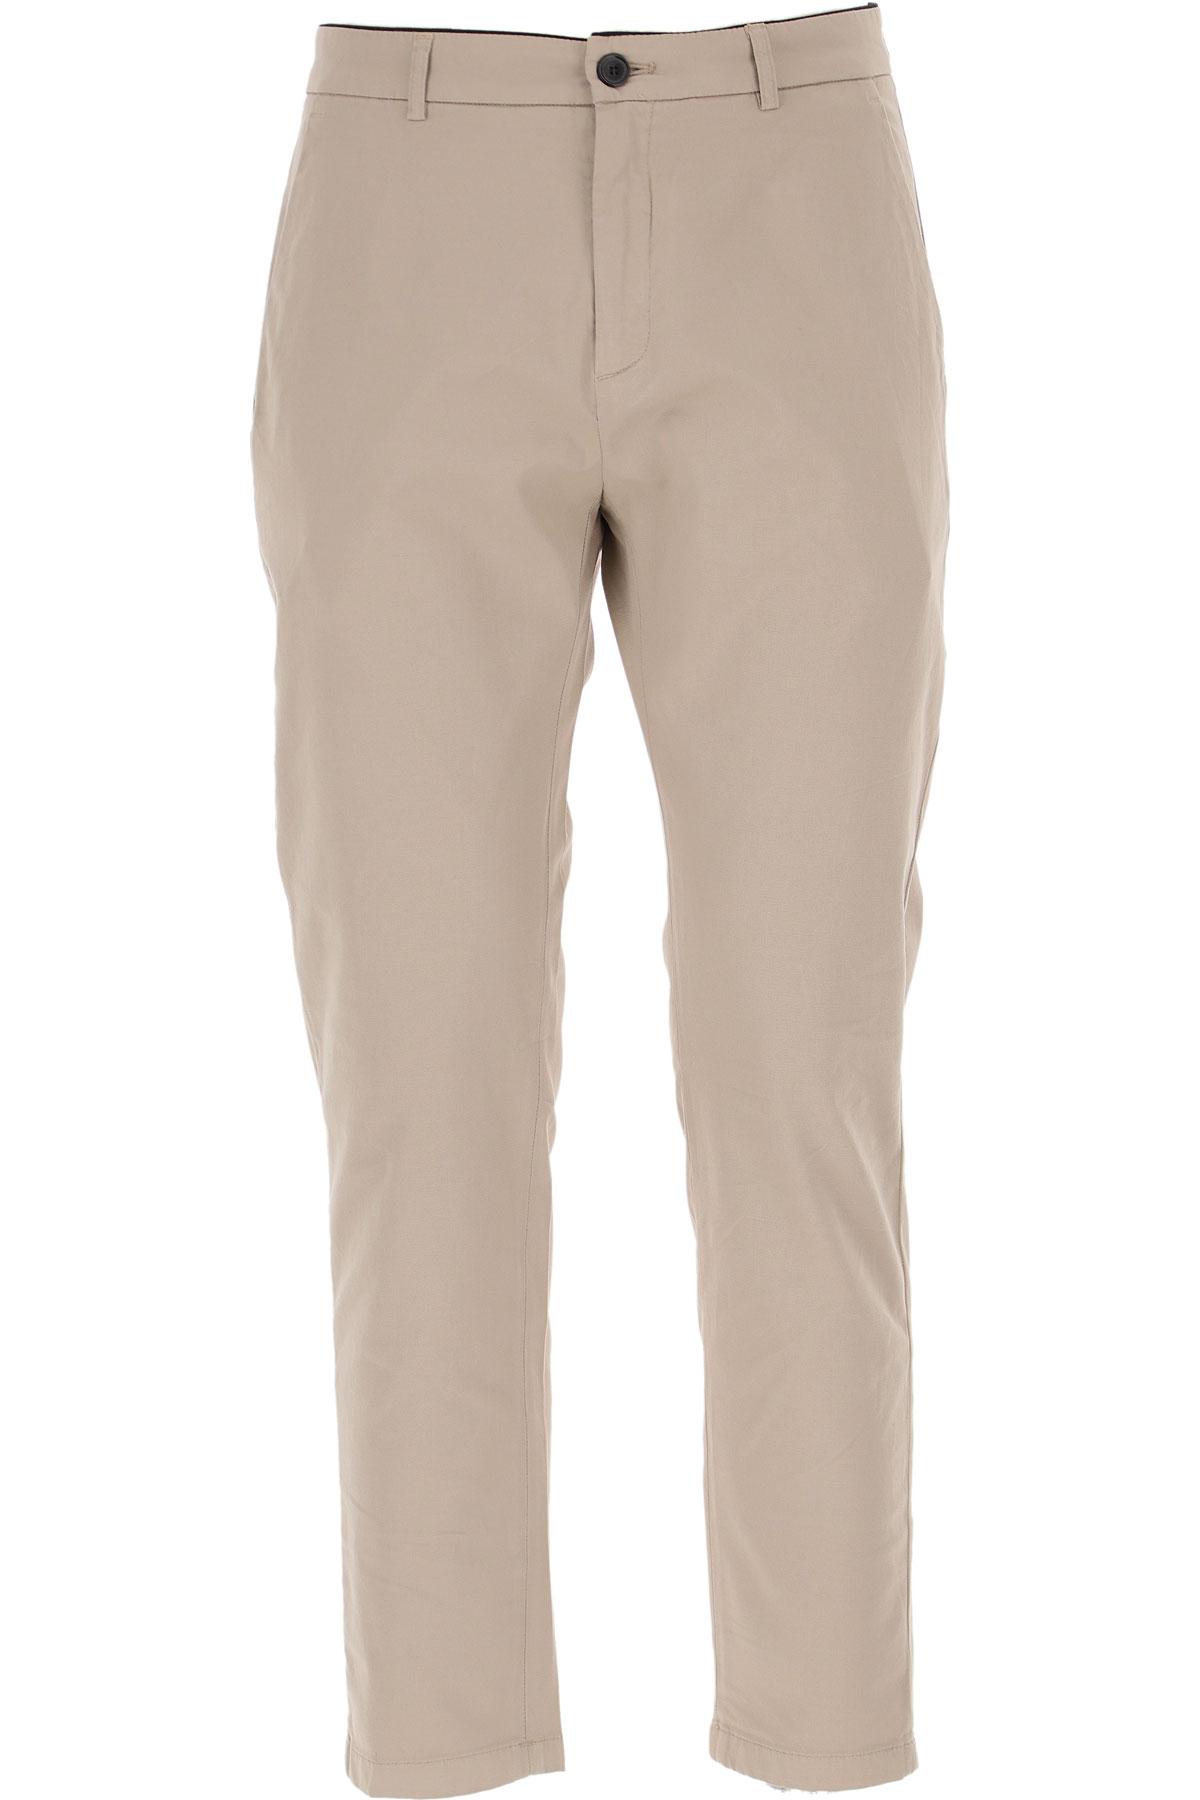 Department Five Pants for Men On Sale, Beige, Cotton, 2019, 30 31 32 33 34 35 36